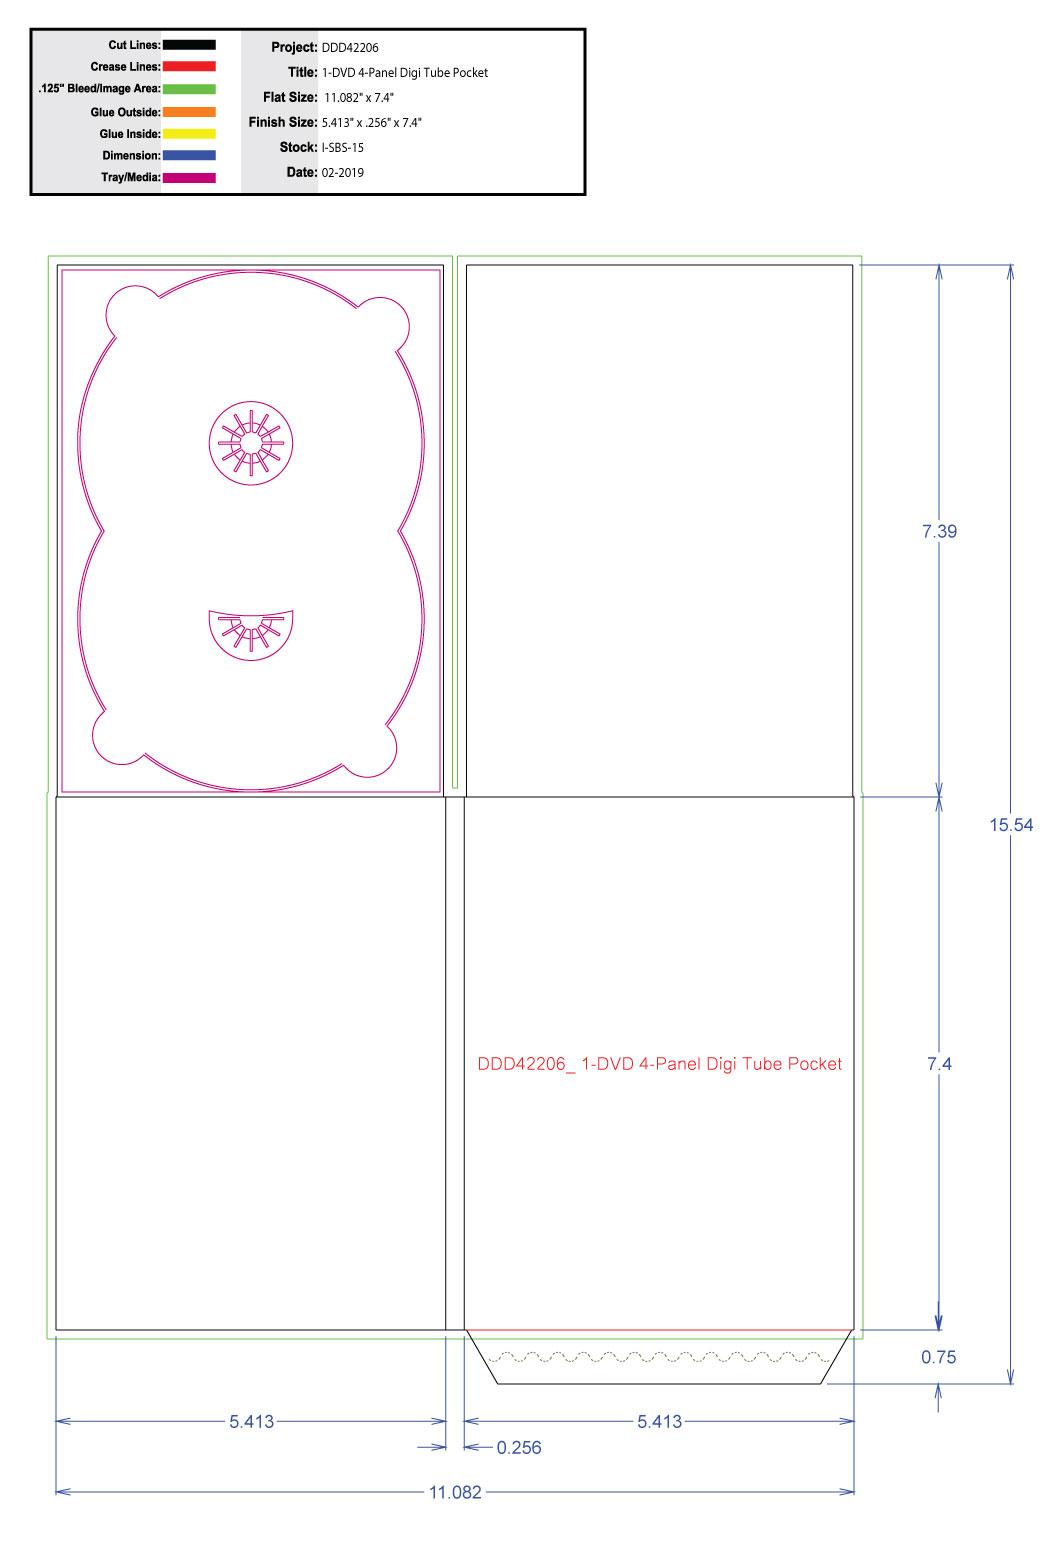 DDD42206 1 Tray Tube Pocket